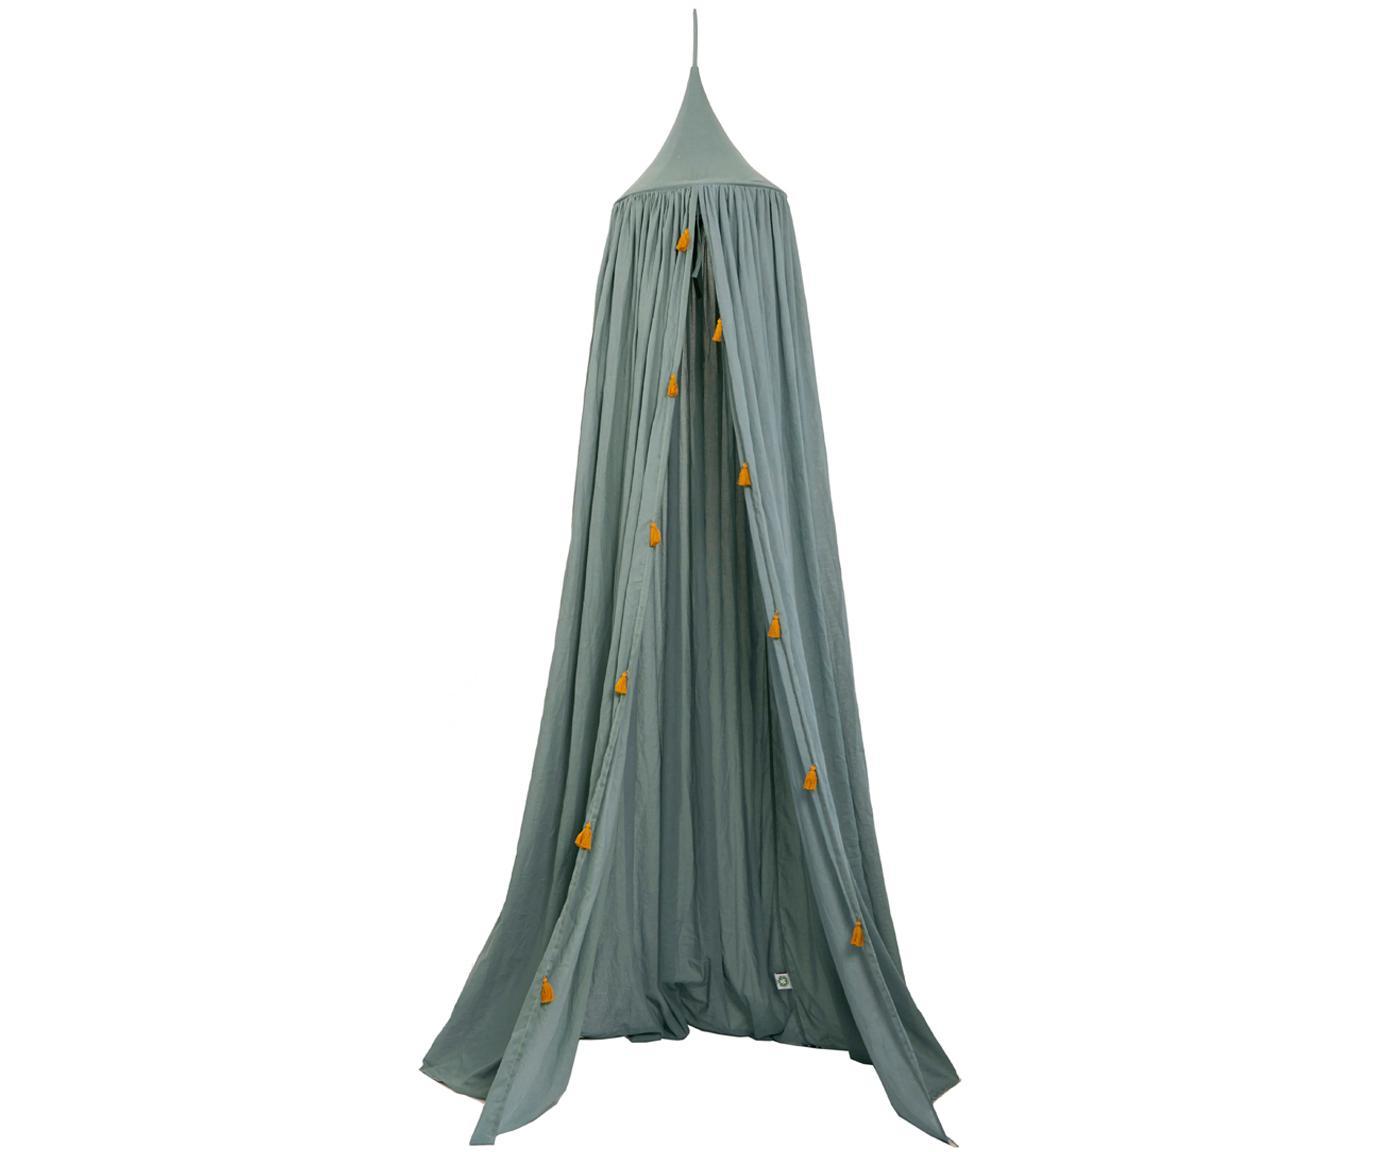 Dosel para cama de algodón ecológico Canopy, Algodón orgánico, certificado GOTS, Gris verdoso, dorado, Ø 40 x Al 200 cm